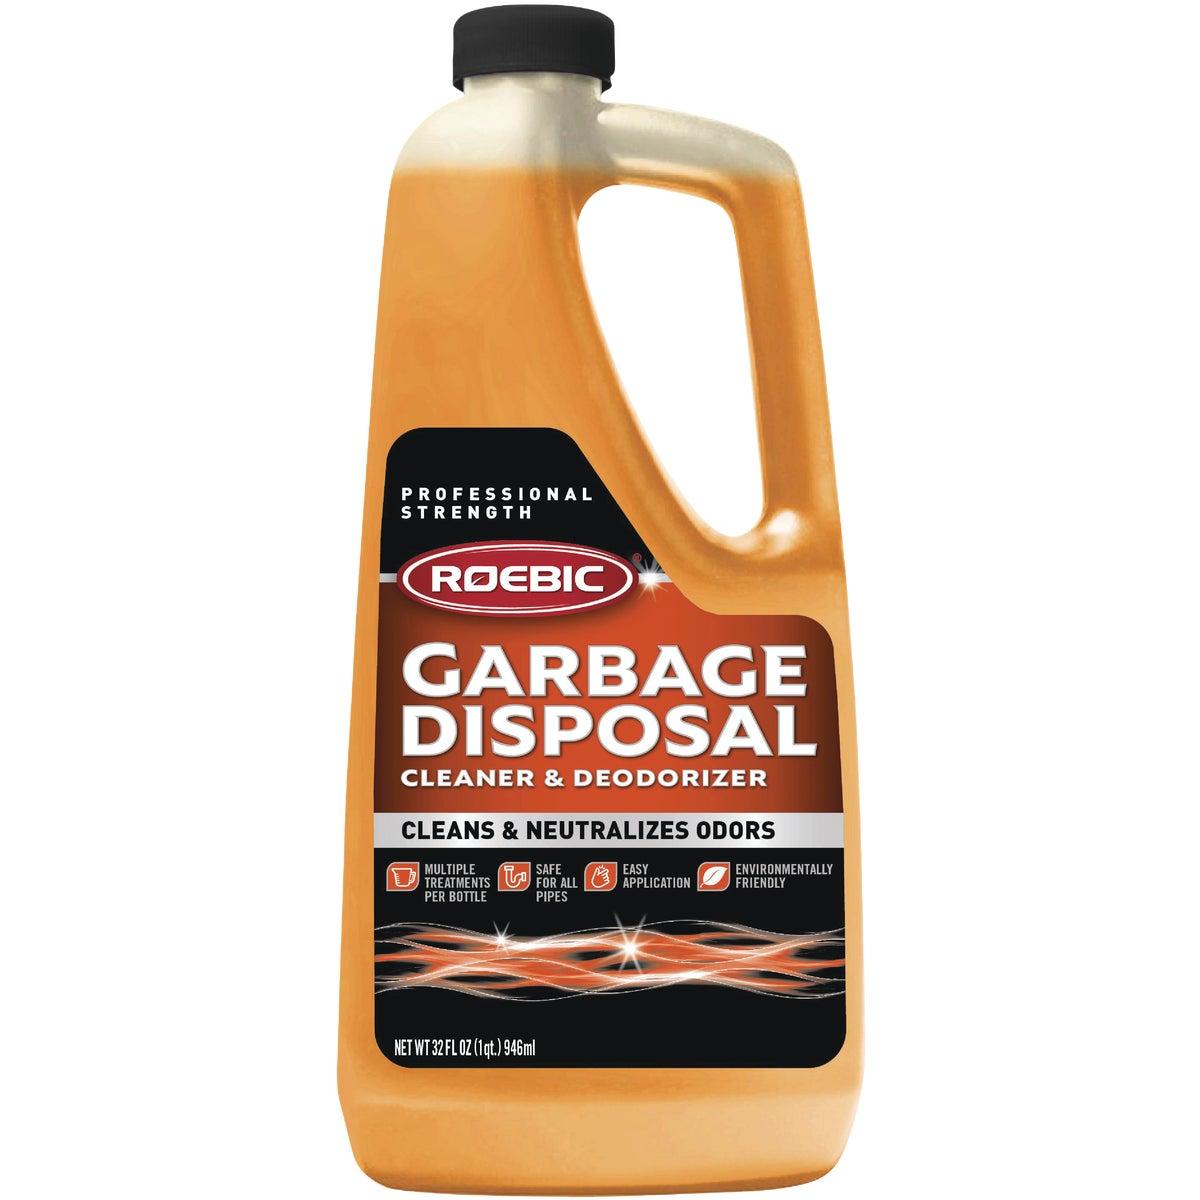 Qt Disposer Cleaner